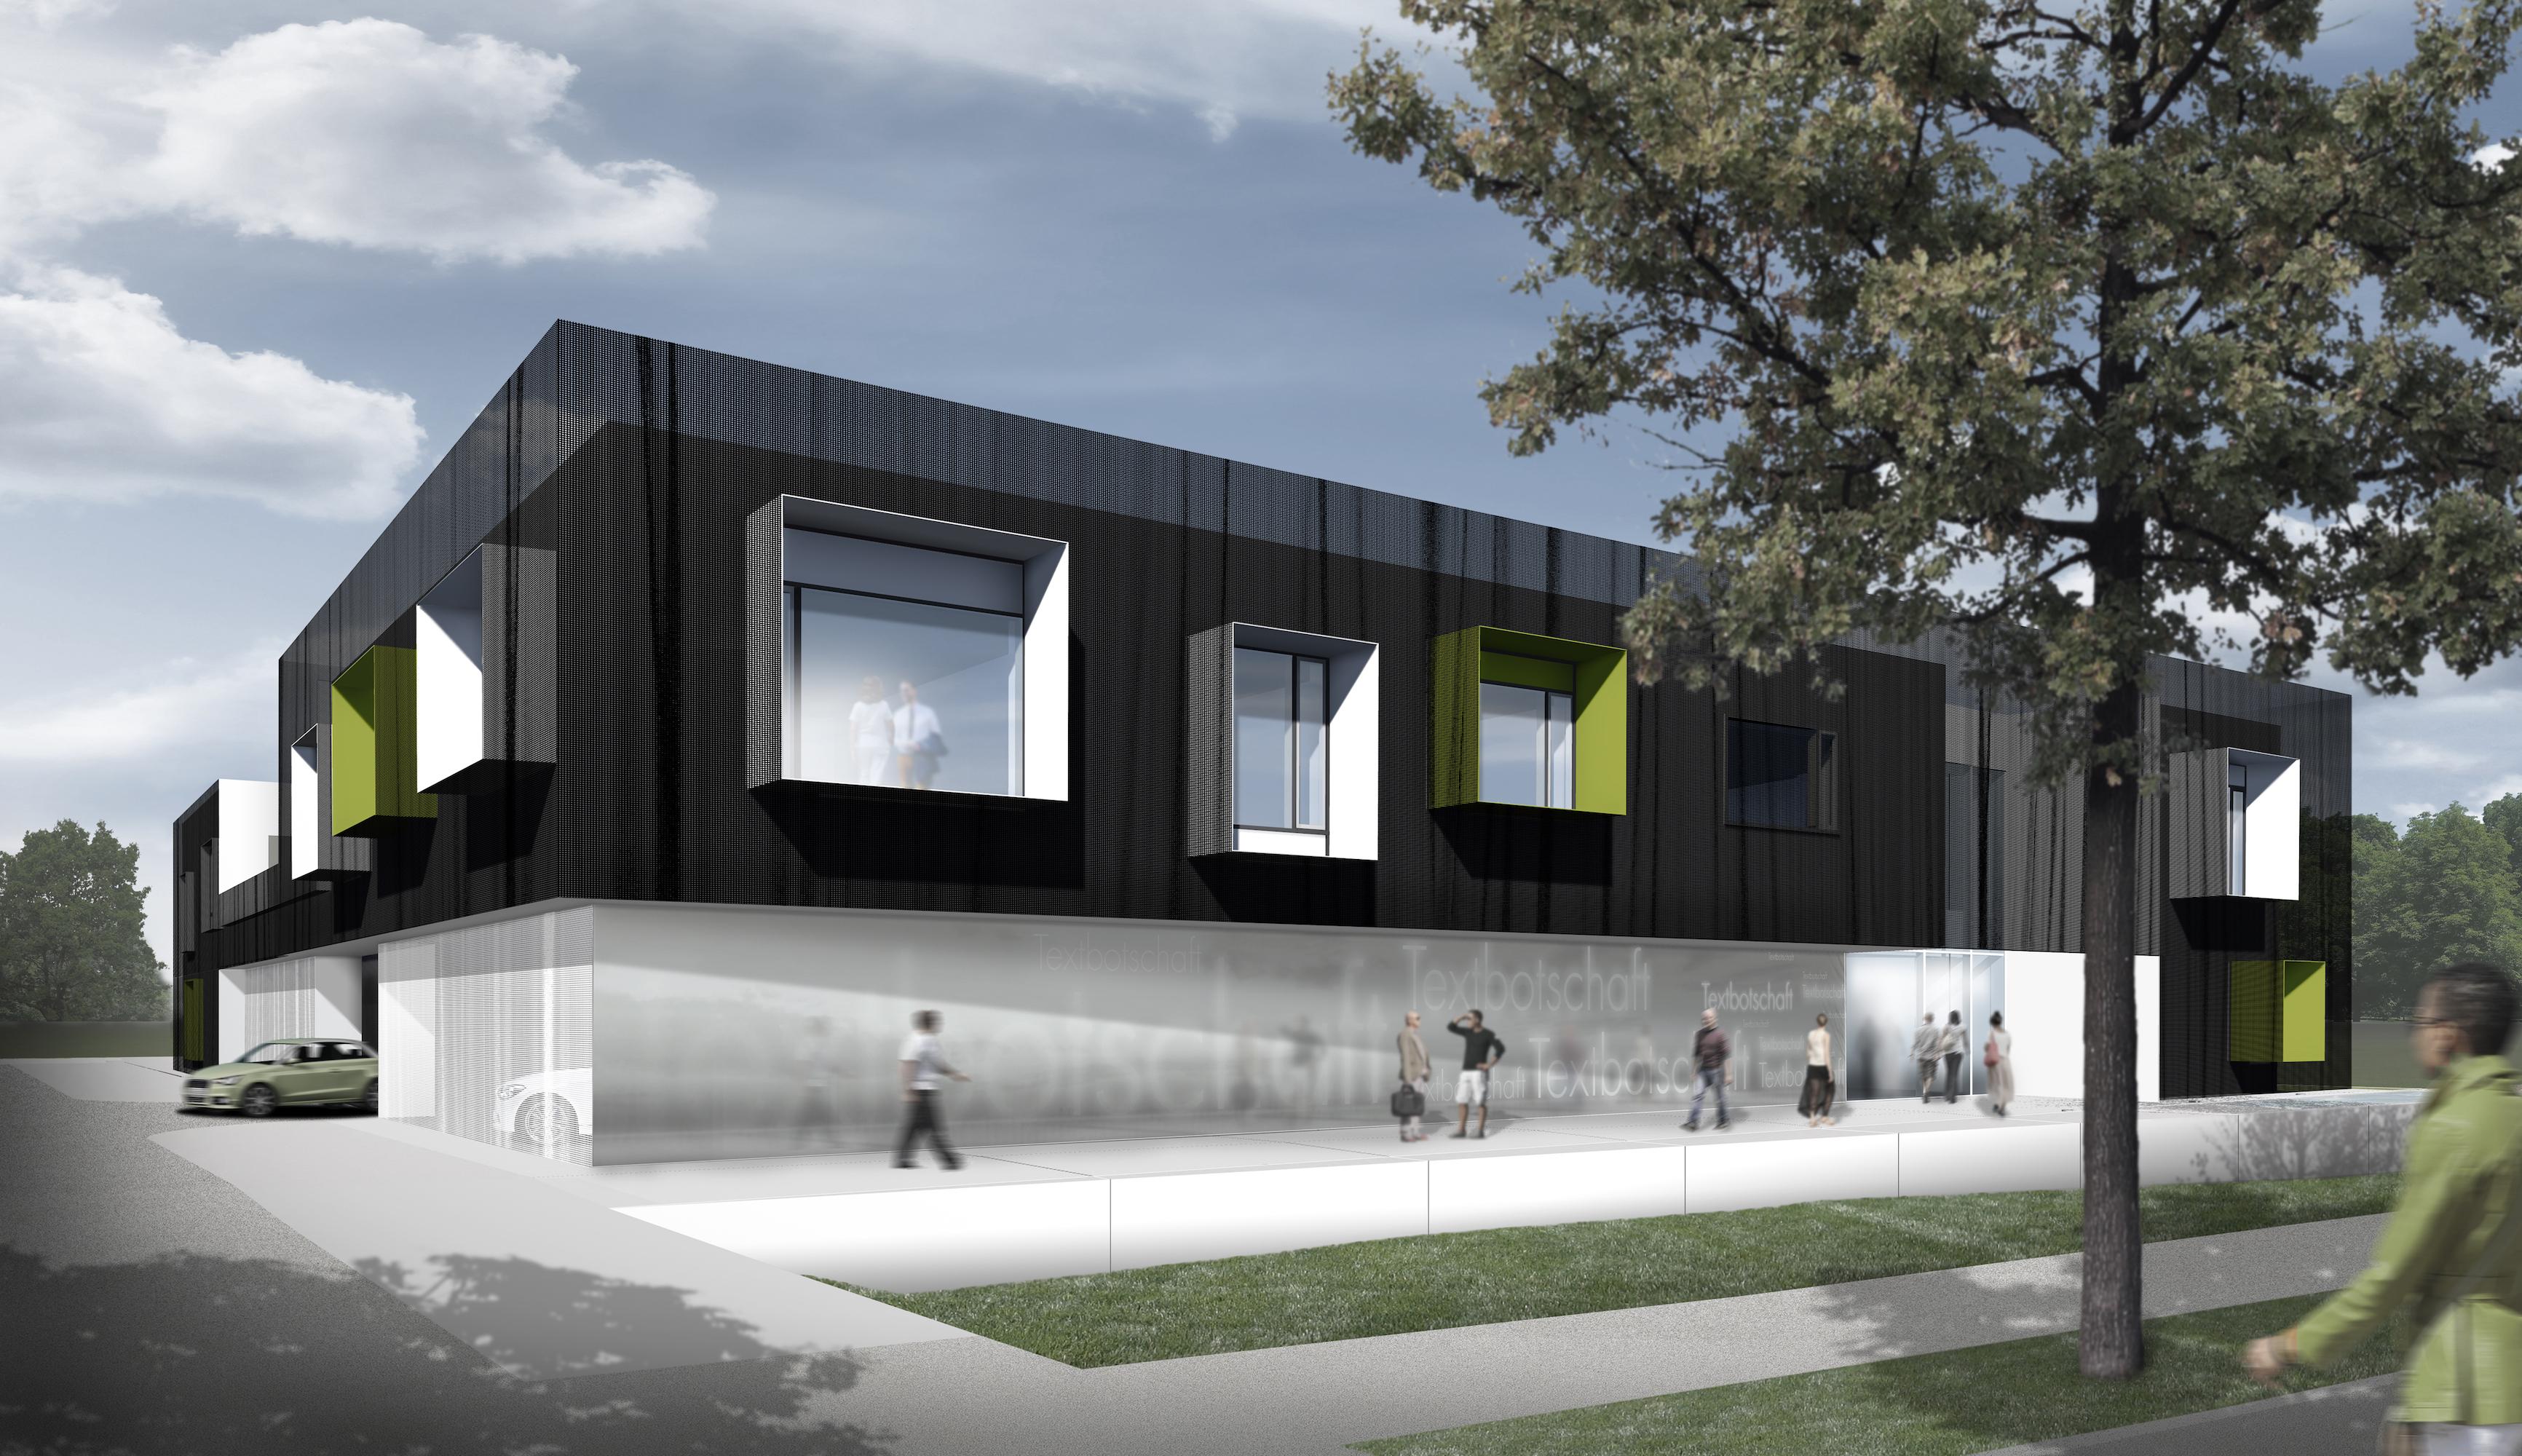 verwaltungsgeb ude ptg augsburg titus bernhard architekten. Black Bedroom Furniture Sets. Home Design Ideas